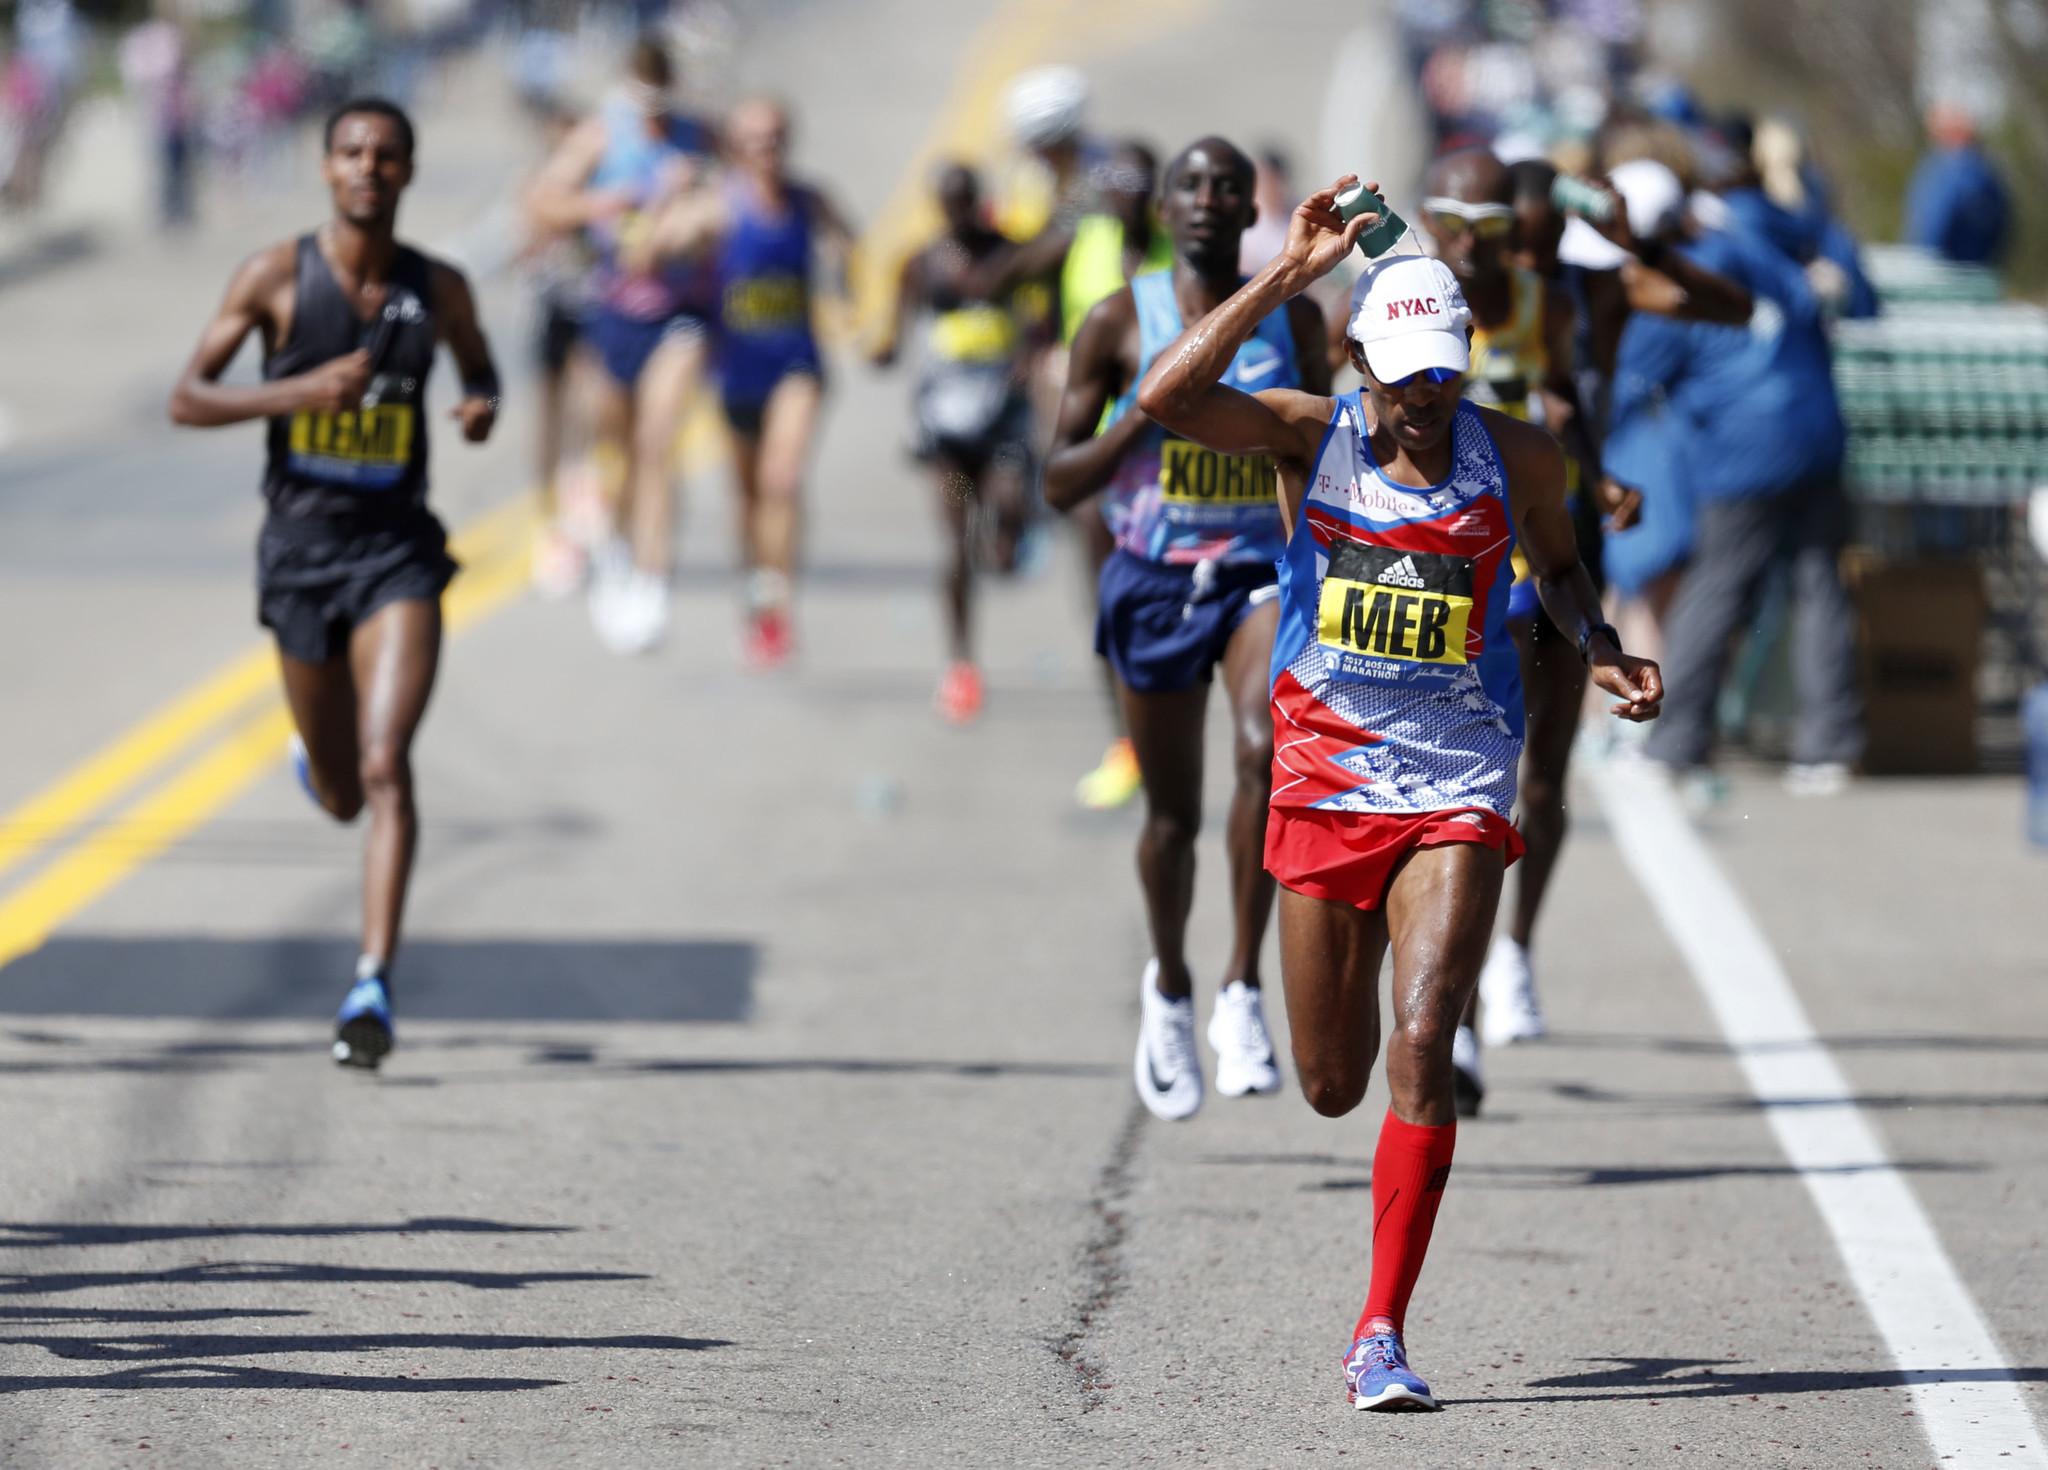 These Boston marathon finisher photos